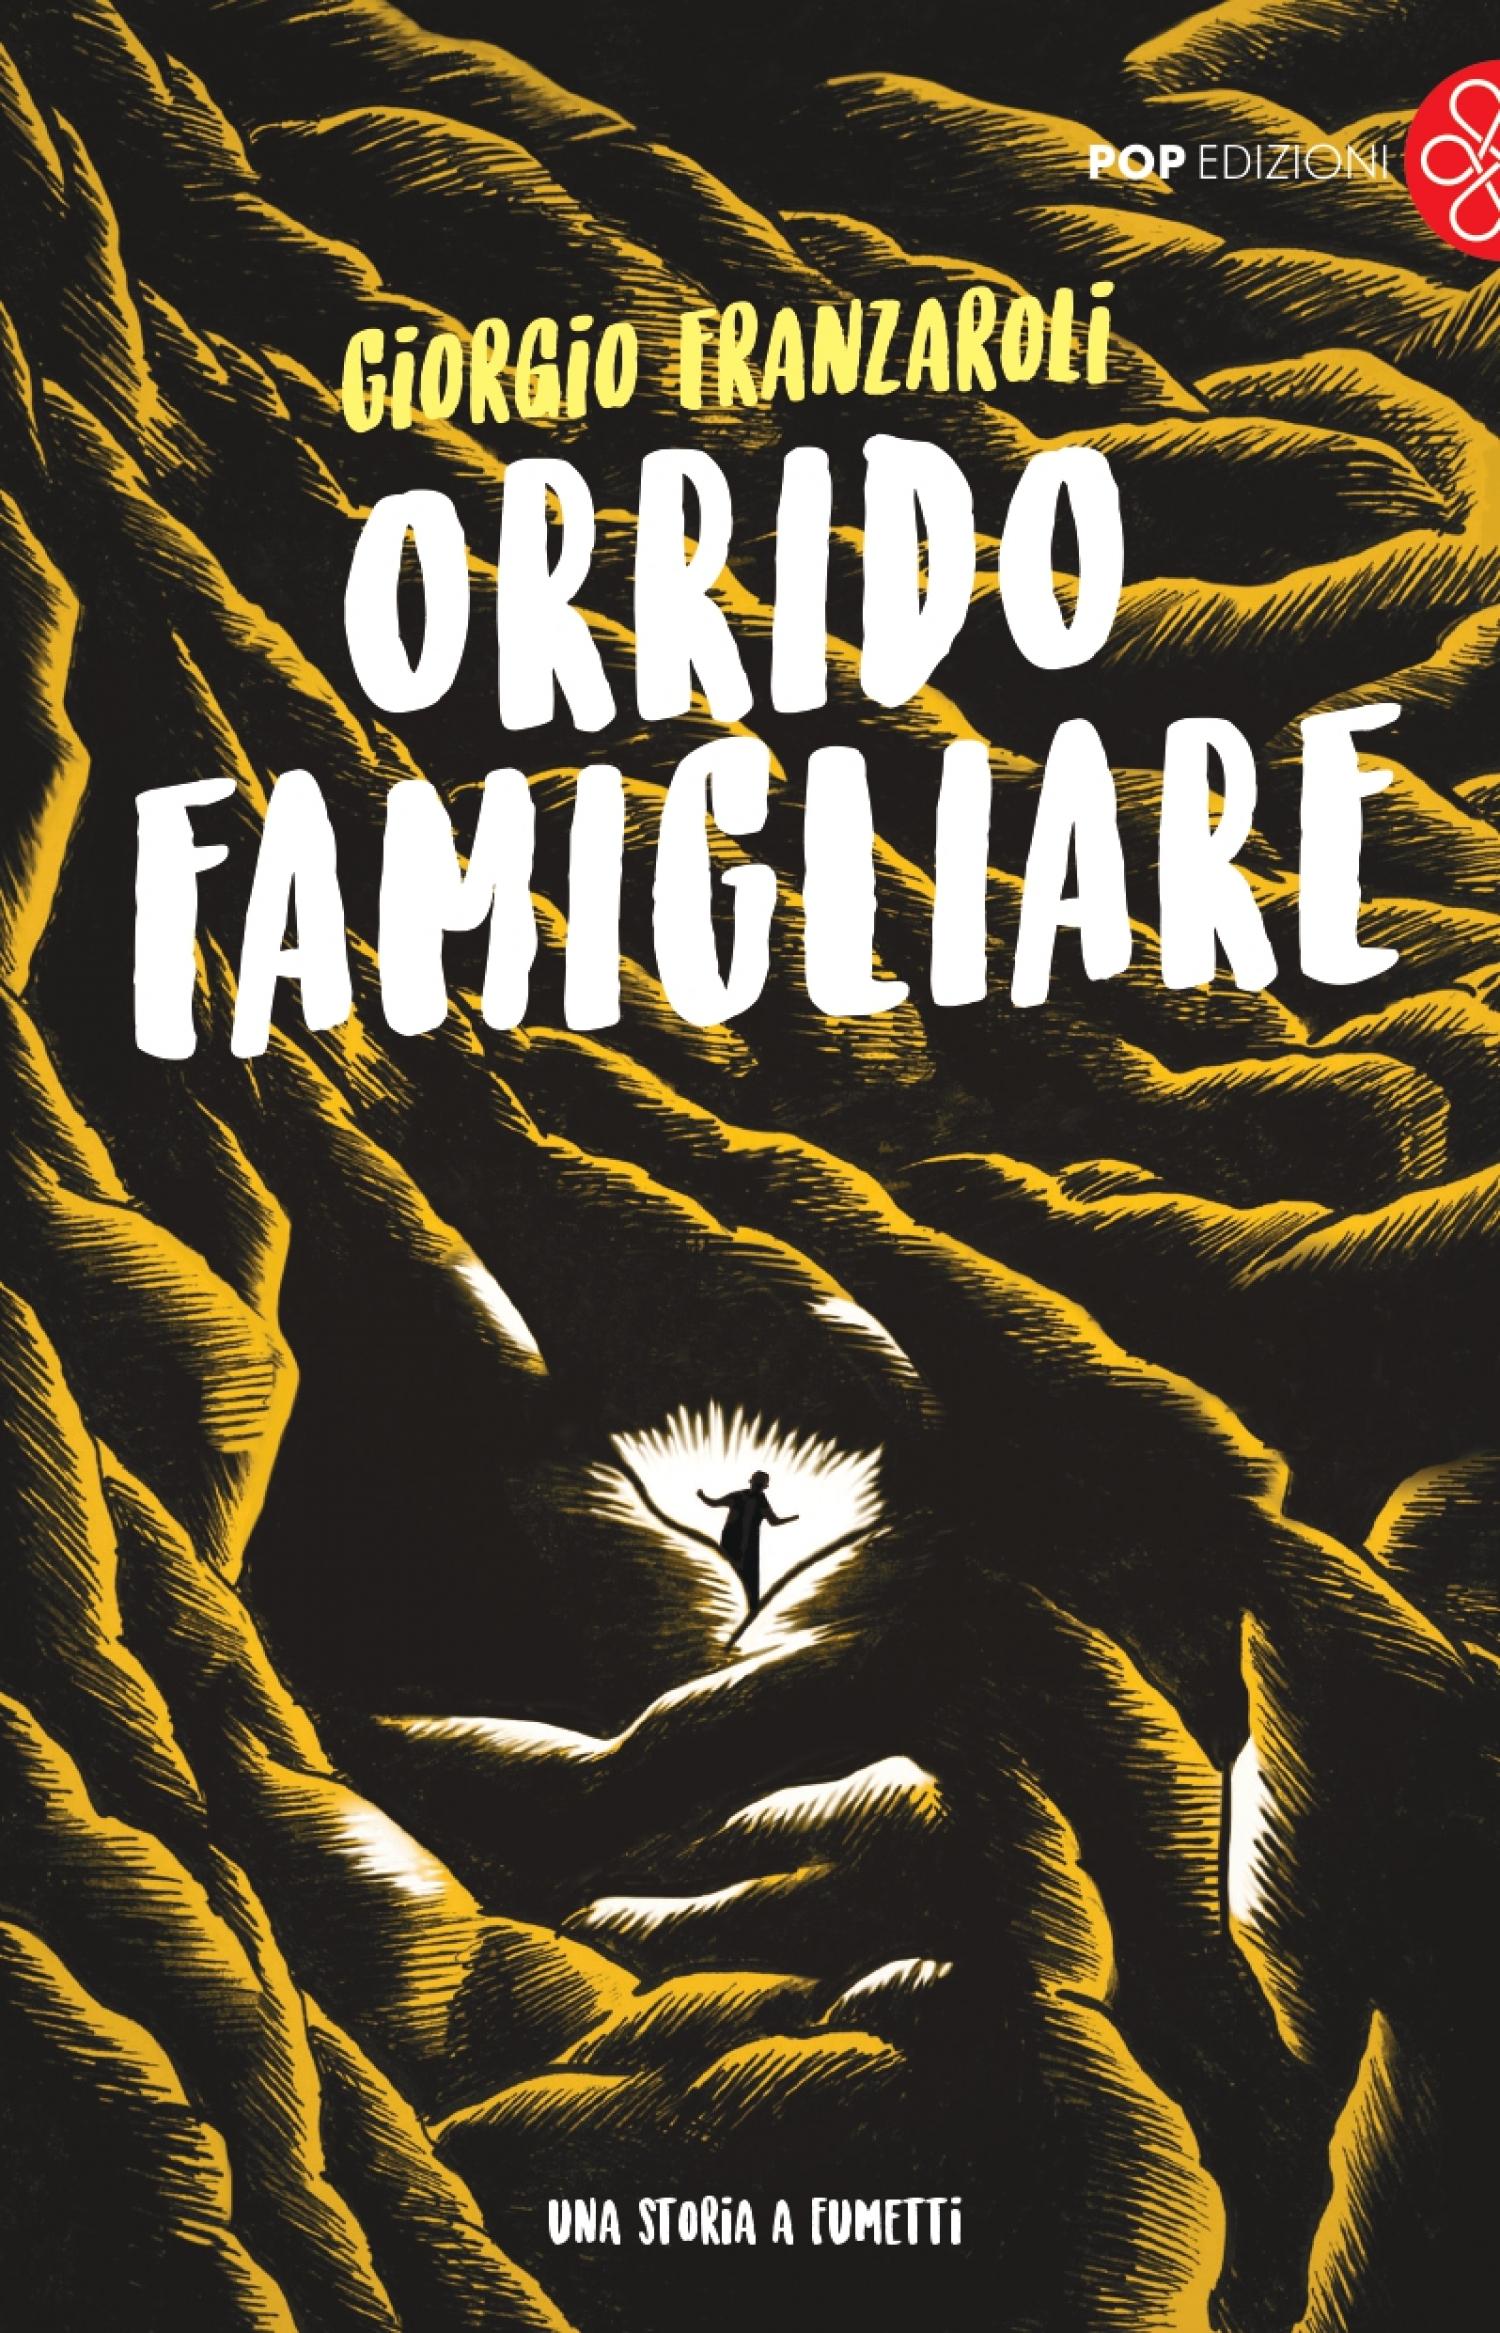 """<p><strong>Sabato 24 ottobre alle ore 17:30 Luigi F. Bona e Rossella Traversa incontrano Giorgio Franzaroli, in occasione della presentazione di <em><a href=""""https://popedizioni.it/prodotto/orrido-famigliare/"""">Orrido famigliare</a></em></strong>, il primo romanzo a fumetti del vignettista pubblicato da <a href=""""https://popedizioni.it/"""">Pop Edizioni</a>.</p><p>Gi&agrave; sceneggiatore di Cattivik e Lupo Alberto nonch&eacute; autore per &quot;Frigidaire&quot;, &quot;Comix&quot;, &quot;Linus&quot;, &quot;Cuore&quot;, &quot;L&rsquo;Unit&agrave;&quot; e &quot;Il Fatto Quotidiano&quot;, <strong>Franzaroli approda al romanzo a fumetti con un racconto intimo ed epico che ripercorre le vicende famigliari durante la Seconda guerra mondiale</strong>, fra l&rsquo;Emilia e l&rsquo;Istria.</p><p>&nbsp;</p><p>A Montese, piccolo comune arroccato sull&rsquo;Appennino modenese, c&rsquo;&egrave; la casa dei nonni, la casa dei boschi e delle lucciole. Montese&nbsp;&egrave; al centro di quella che fu la Linea Gotica, il punto in cui si stanziarono le truppe tedesche e gli Alleati cercarono il passaggio decisivo dalla valle del Reno a quella del Panaro.<br />Molti anni dopo questi fatti terribili, mentre il piccolo Giorgio e il padre vanno a raccogliere legna, si imbattono in una grotta servita da rifugio durante i bombardamenti americani, scavata proprio dal nonno Riccardo. Da qui prende forma il racconto mozzafiato di quegli anni implacabili: i bombardamenti degli Alleati, l&rsquo;occupazione tedesca, e ancora prima l&rsquo;esperienza istriana, quando Riccardo lavorava ad Arsia (oggi Ra&scaron;a, in Croazia) come minatore, pagando con le mansioni pi&ugrave; pericolose e umili il rifiuto di prendere la tessera del partito fascista. Evocate da disegni straordinari affiorano le discriminazioni e le persecuzioni verso i croati, l&rsquo;amarezza di essere improvvisamente considerati delatori e&nbsp;la vendetta dei titini. La paura della ritorsione indiscriminata e delle foibe costringe Luci"""